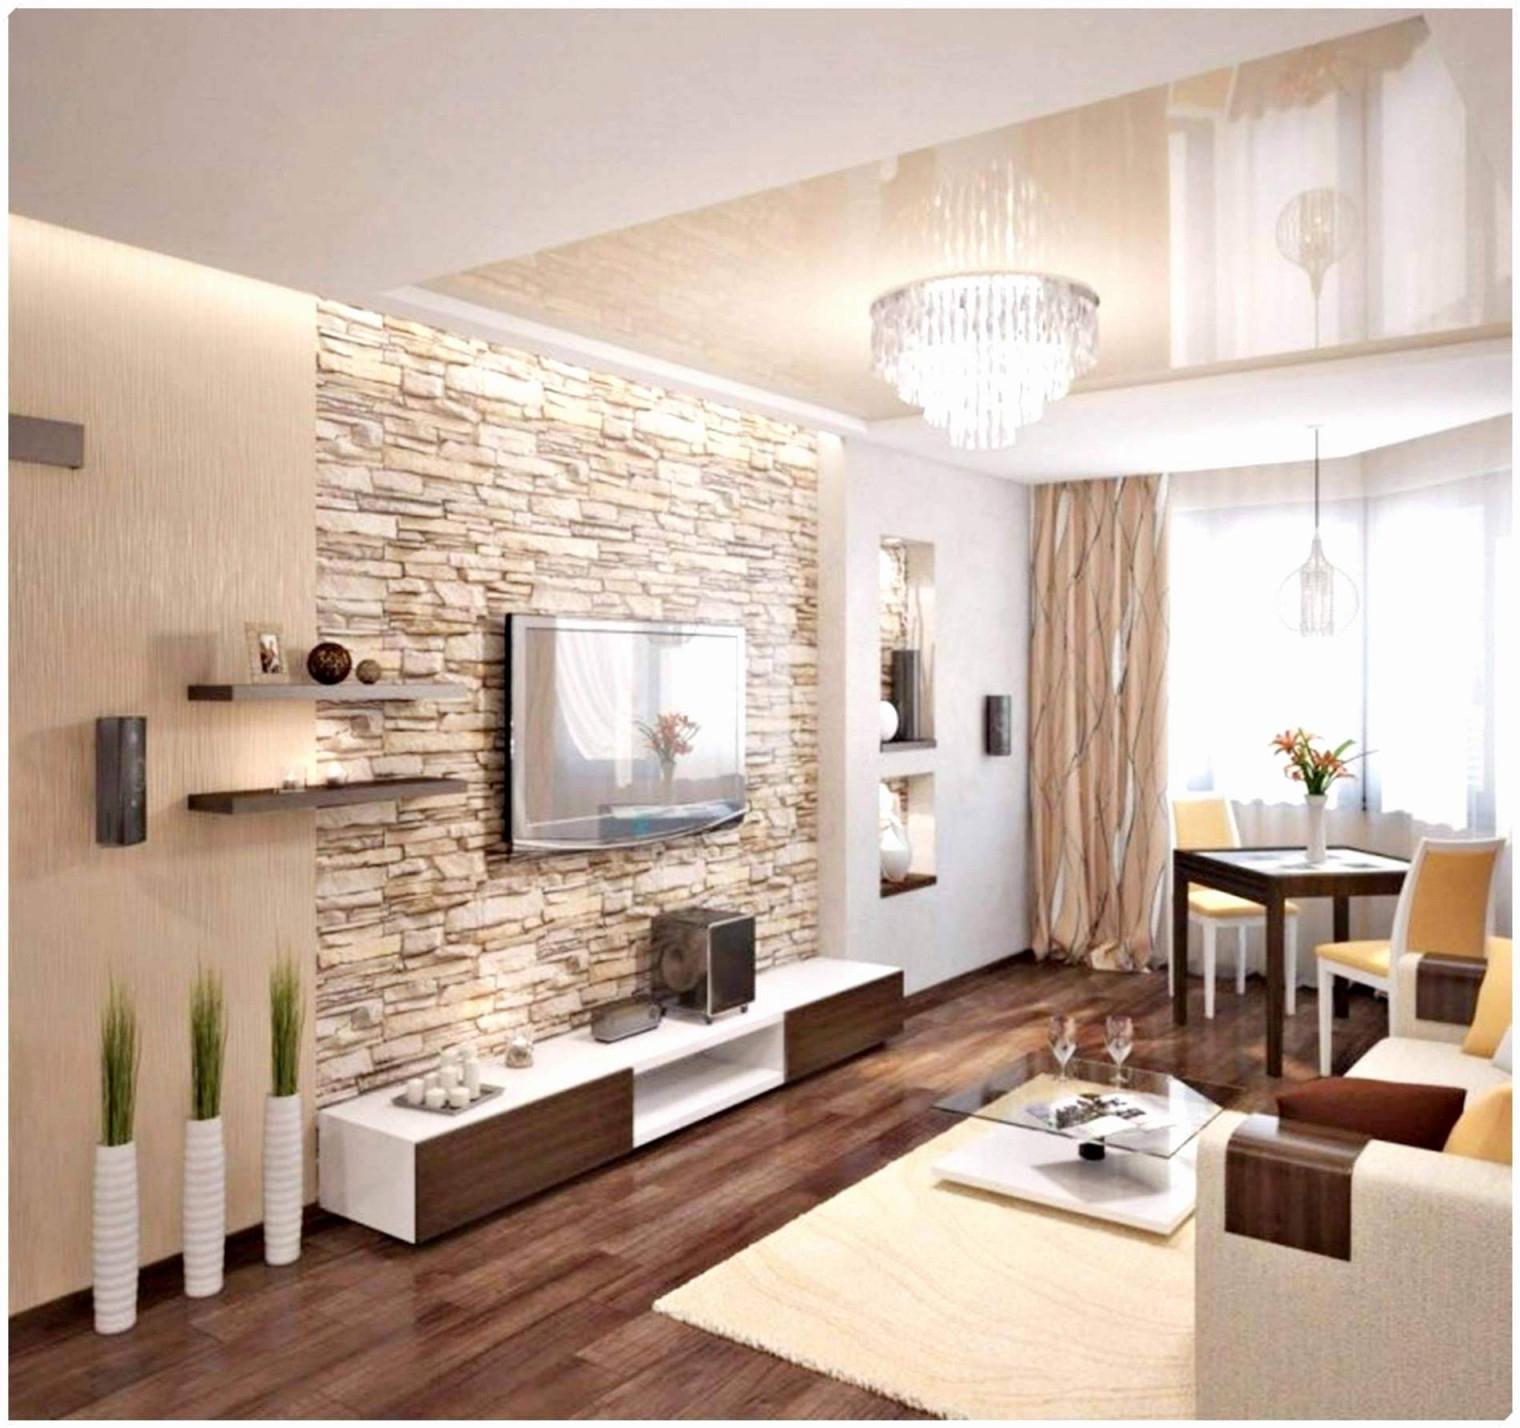 37 Neu Wohnzimmer Farben Ideen Frisch  Wohnzimmer Frisch von Wohnzimmer Wandfarbe Ideen Photo